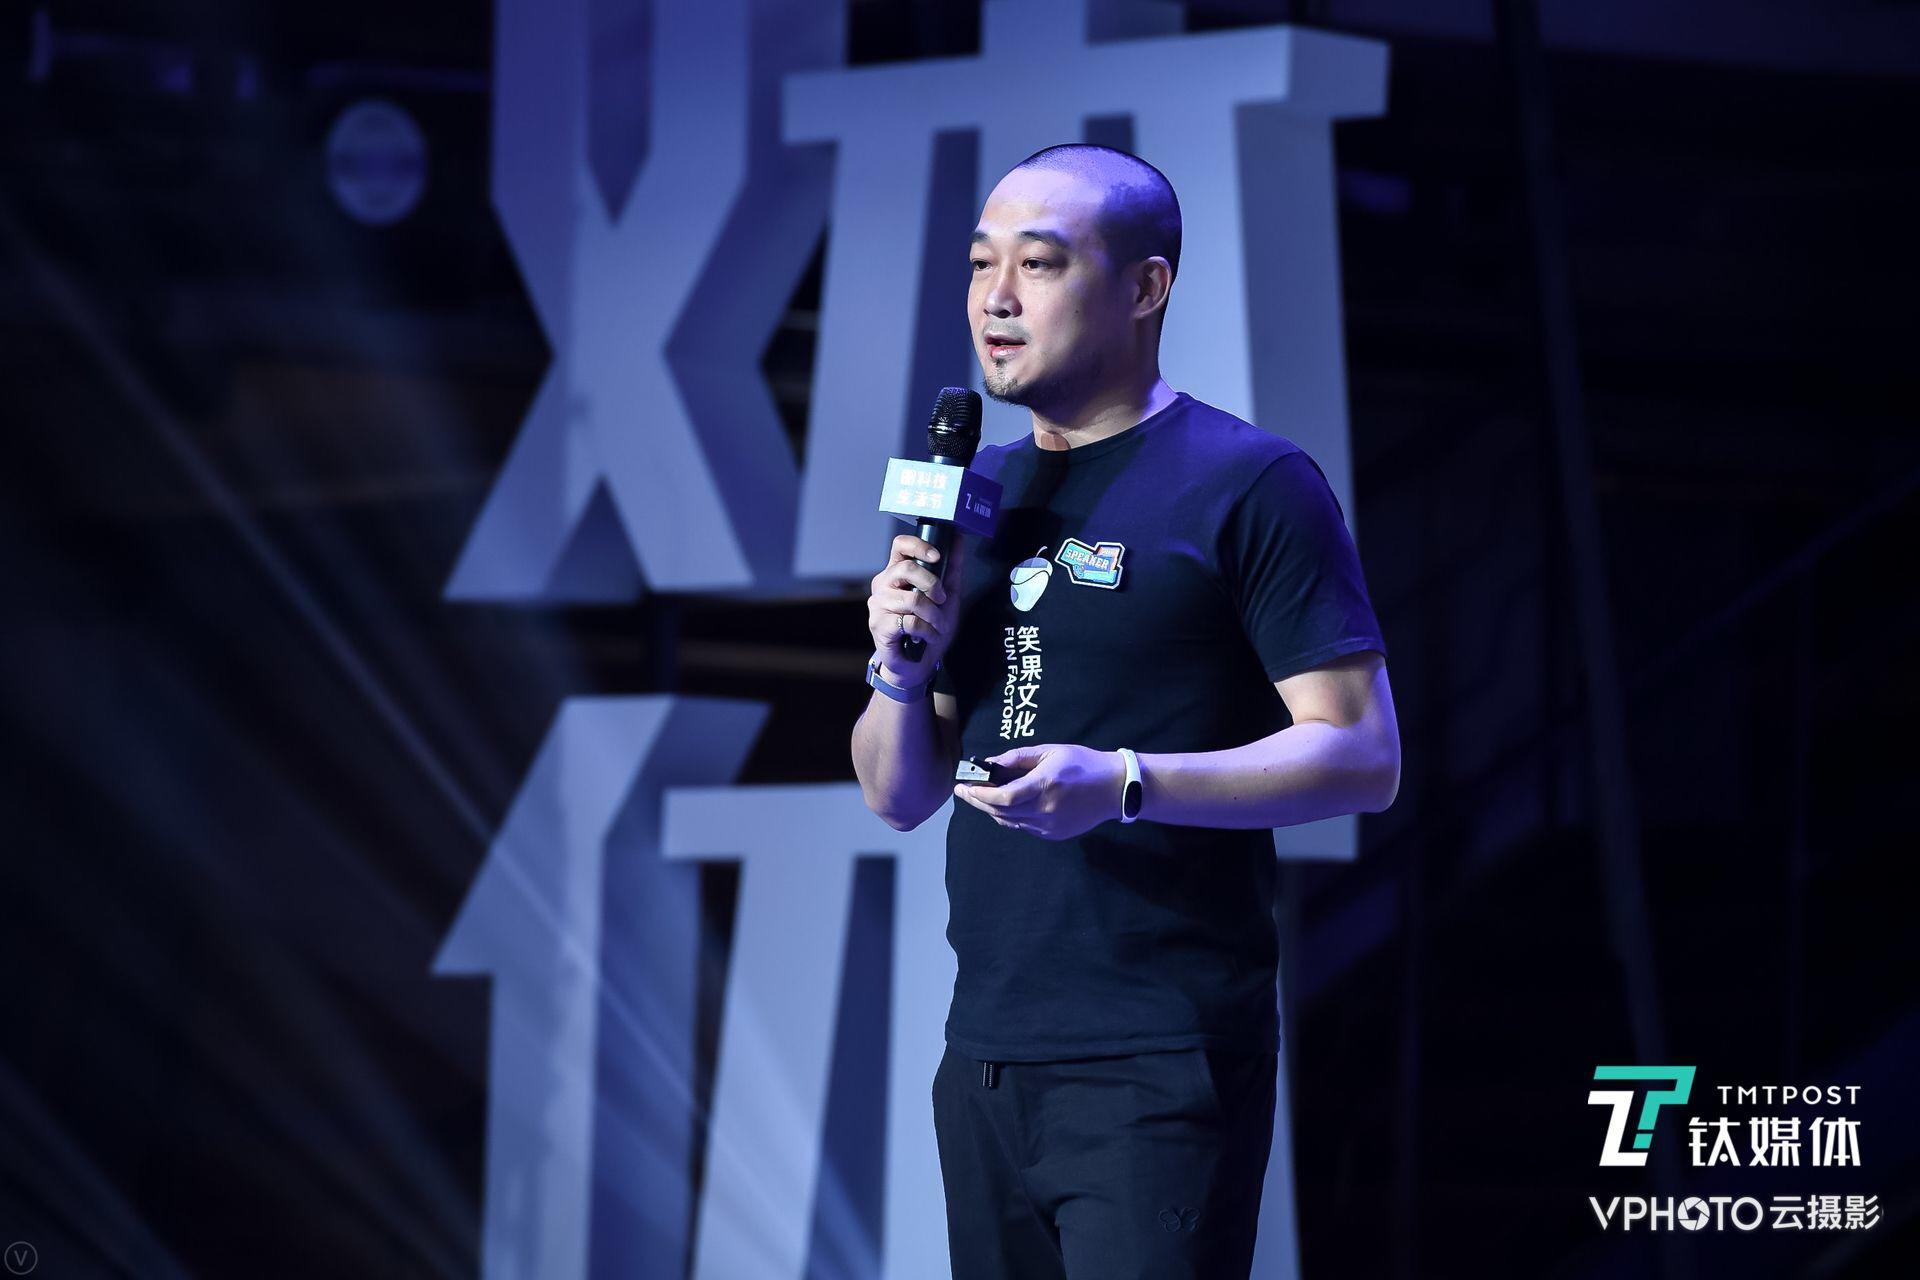 贺晓曦在2018钛媒体科技生活节